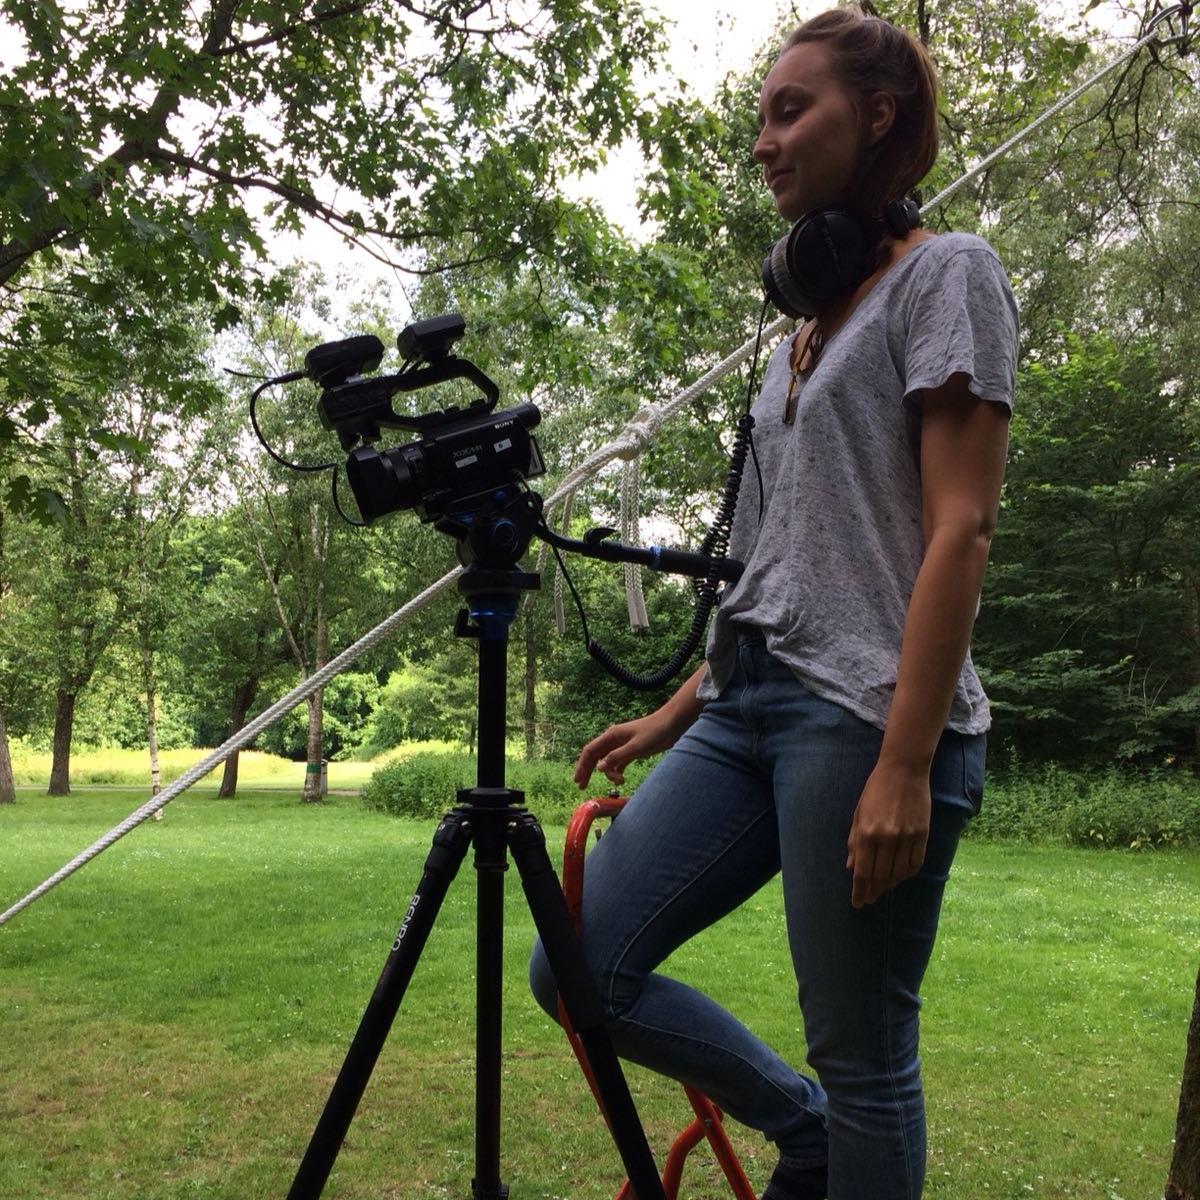 Draaien+documentaire+open+relaties+LS.jpg